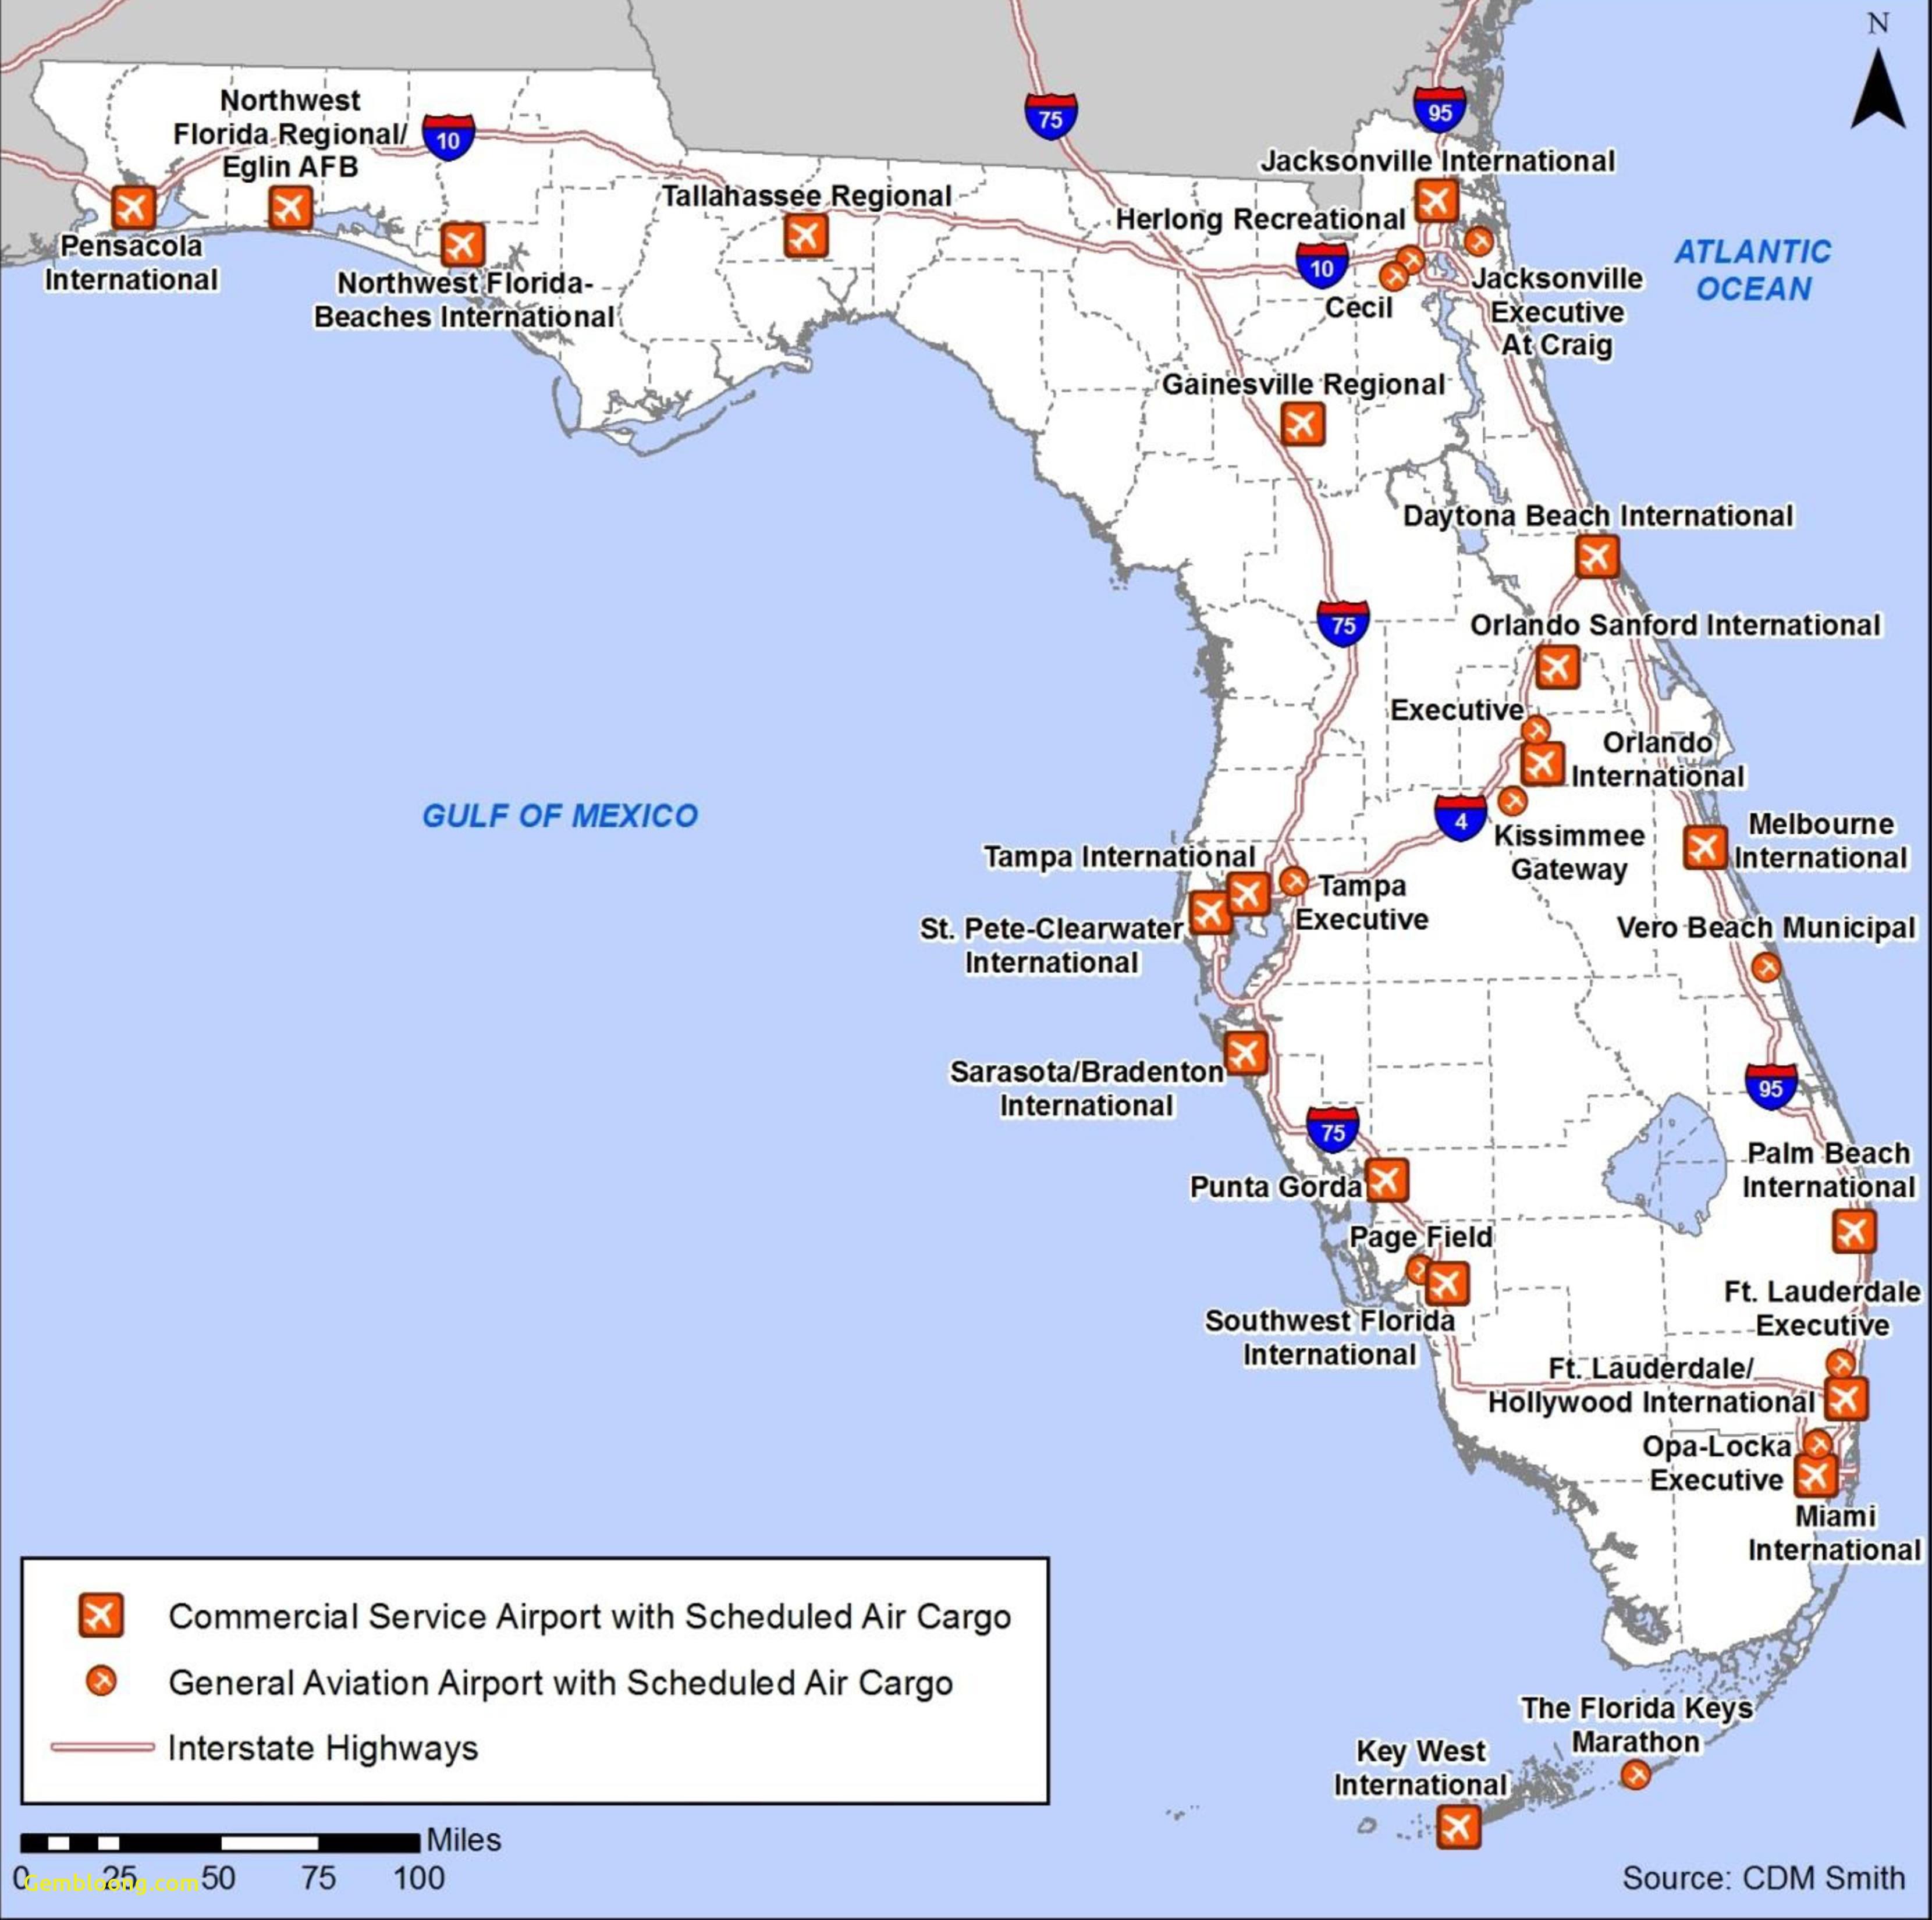 Category: Maps 127 | Zhangyedahuang - Google Maps Florida Panhandle